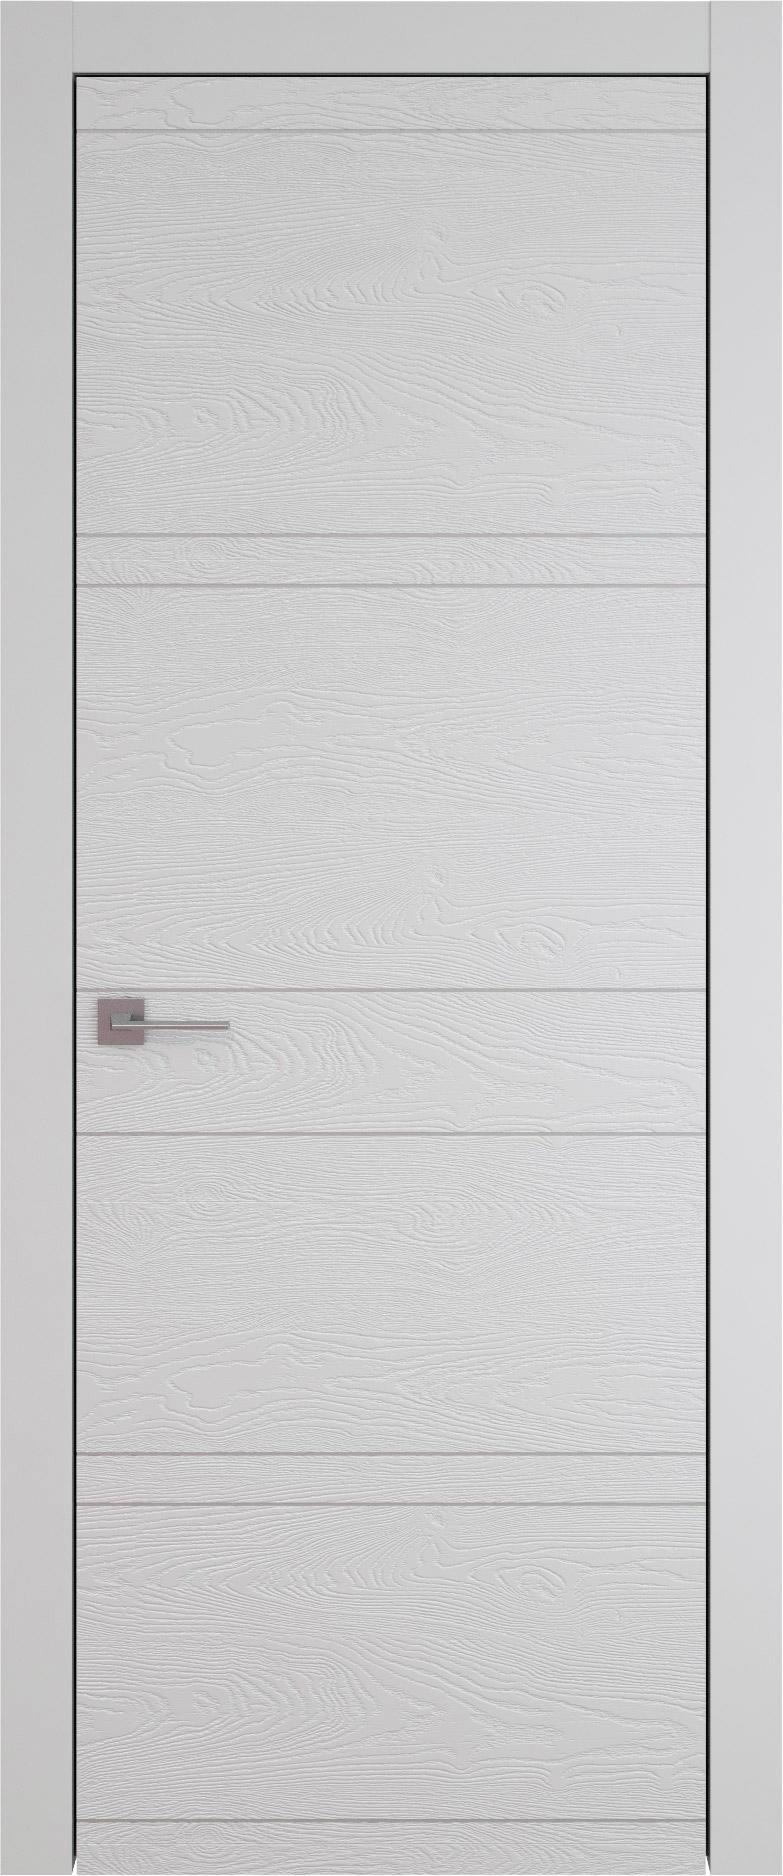 Tivoli Е-2 цвет - Серая эмаль по шпону (RAL 7047) Без стекла (ДГ)